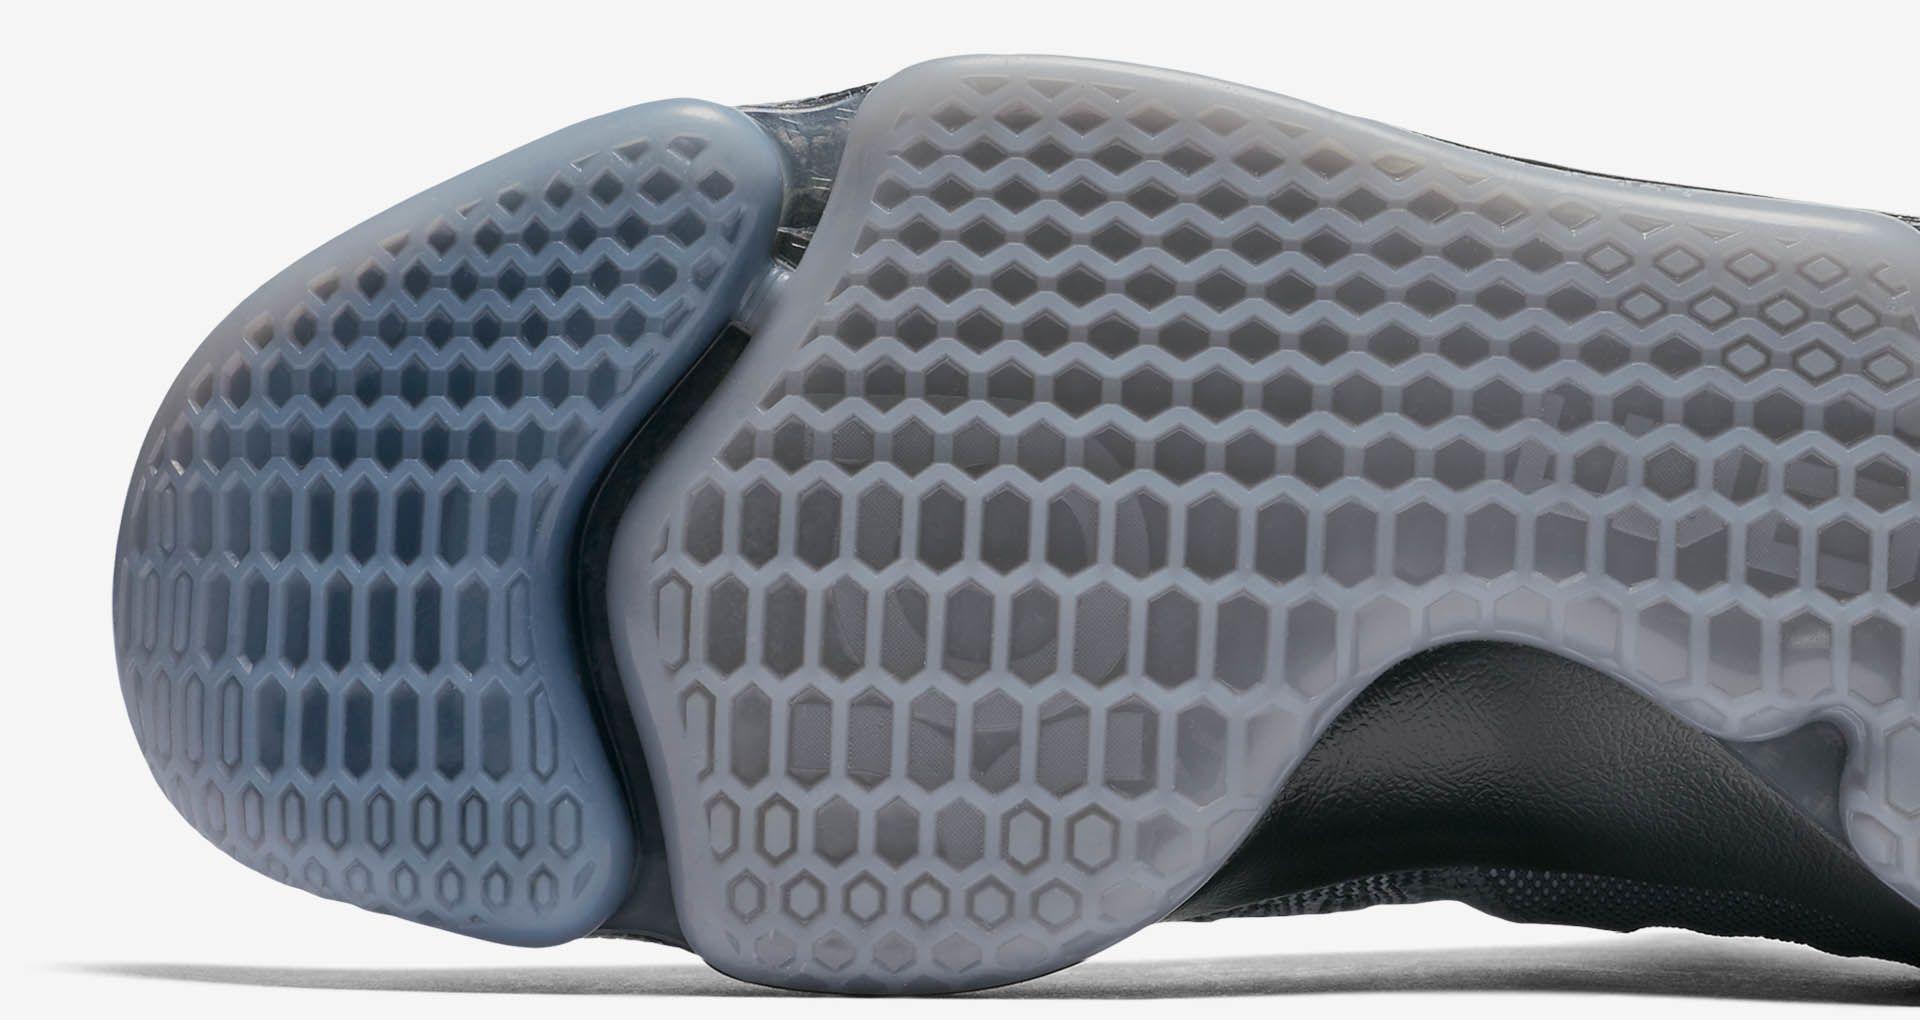 3657929bce18 Nike Zoom KD 9  Battle Grey  Release Date. Nike+ SNKRS